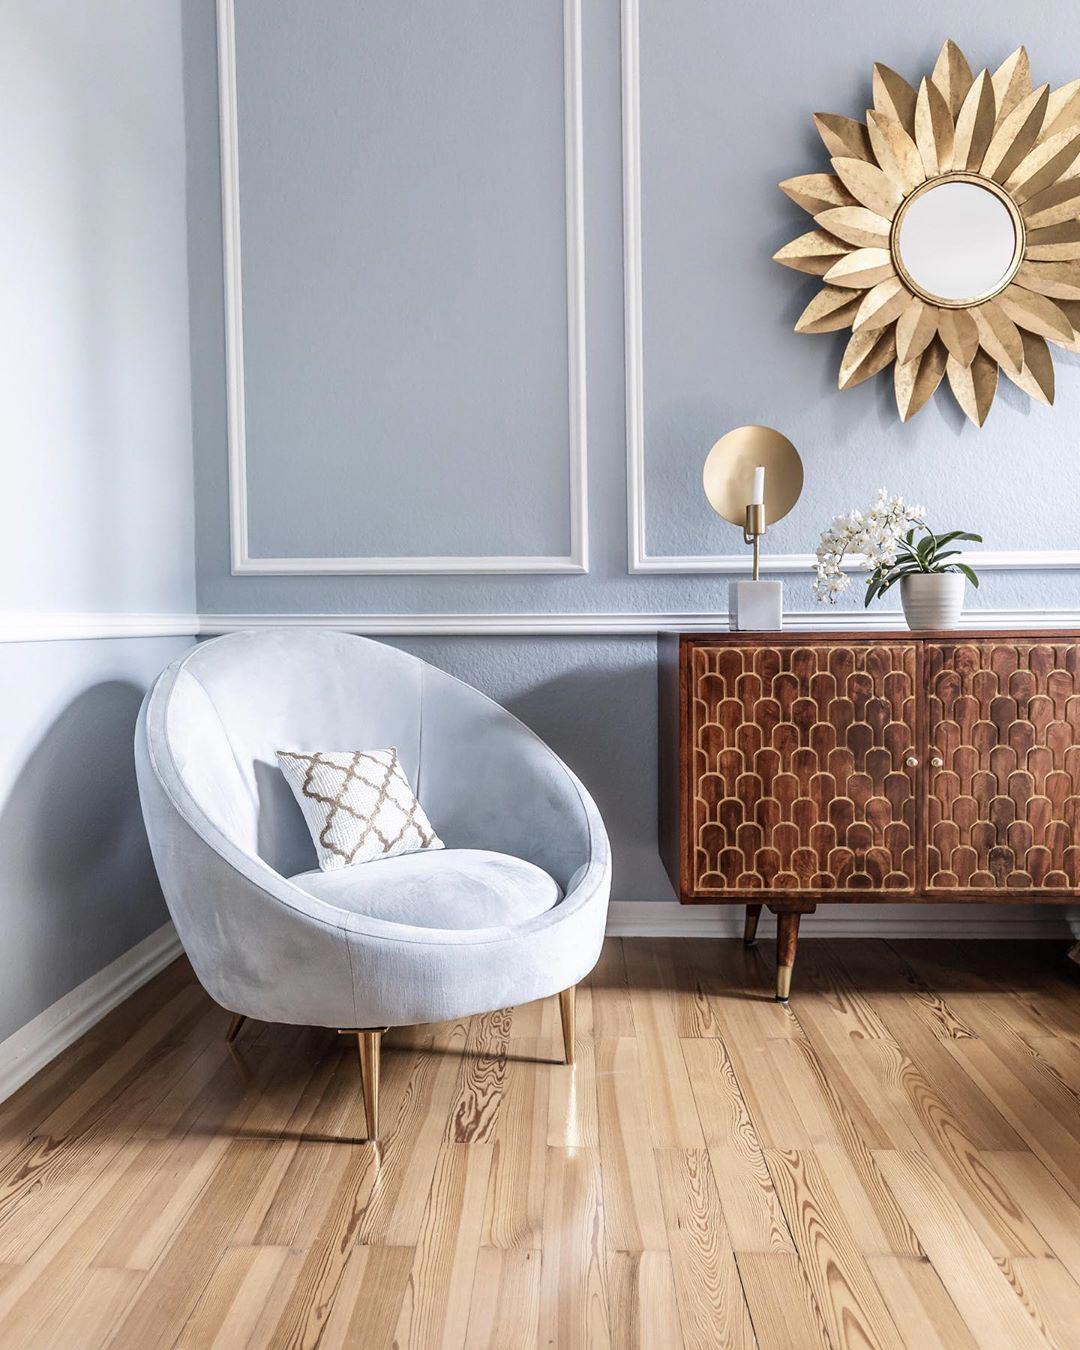 interior-design-homeoffice-katarina-fischer